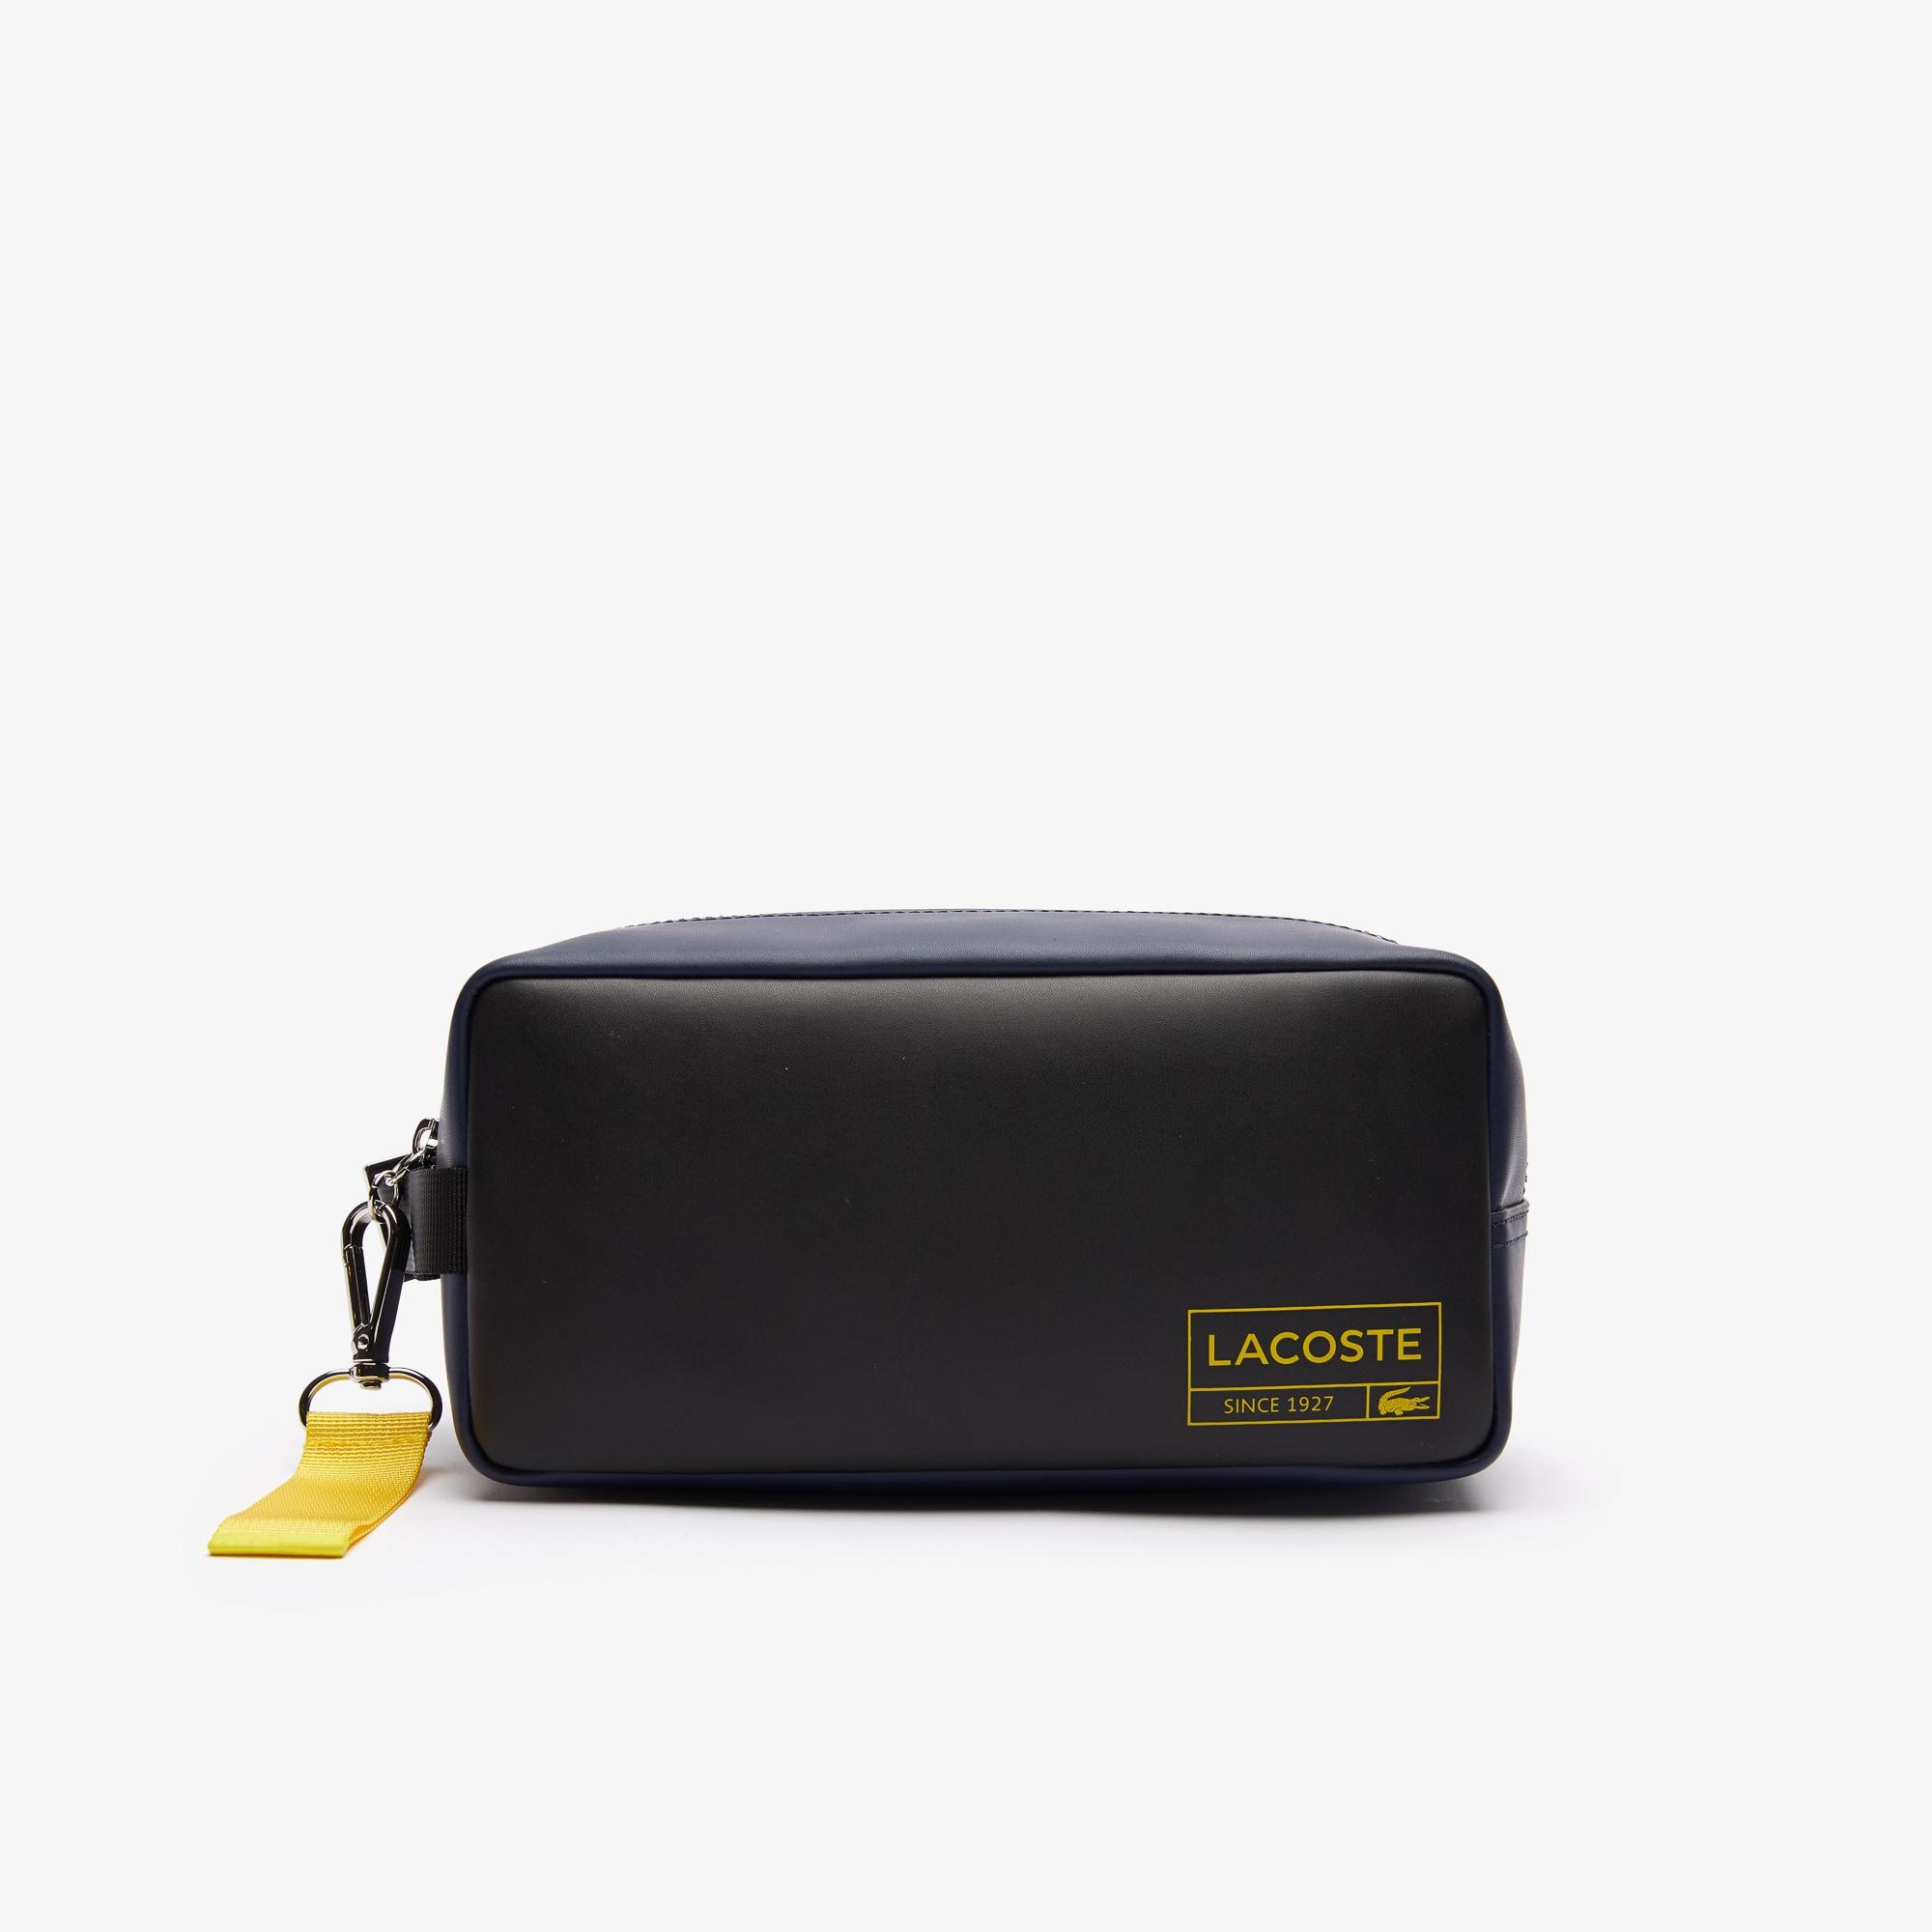 라코스테 Lacoste Men's Lettered Smooth Leather Toiletry Kit,NOIR MARINE 166 ANTHEMIS G73